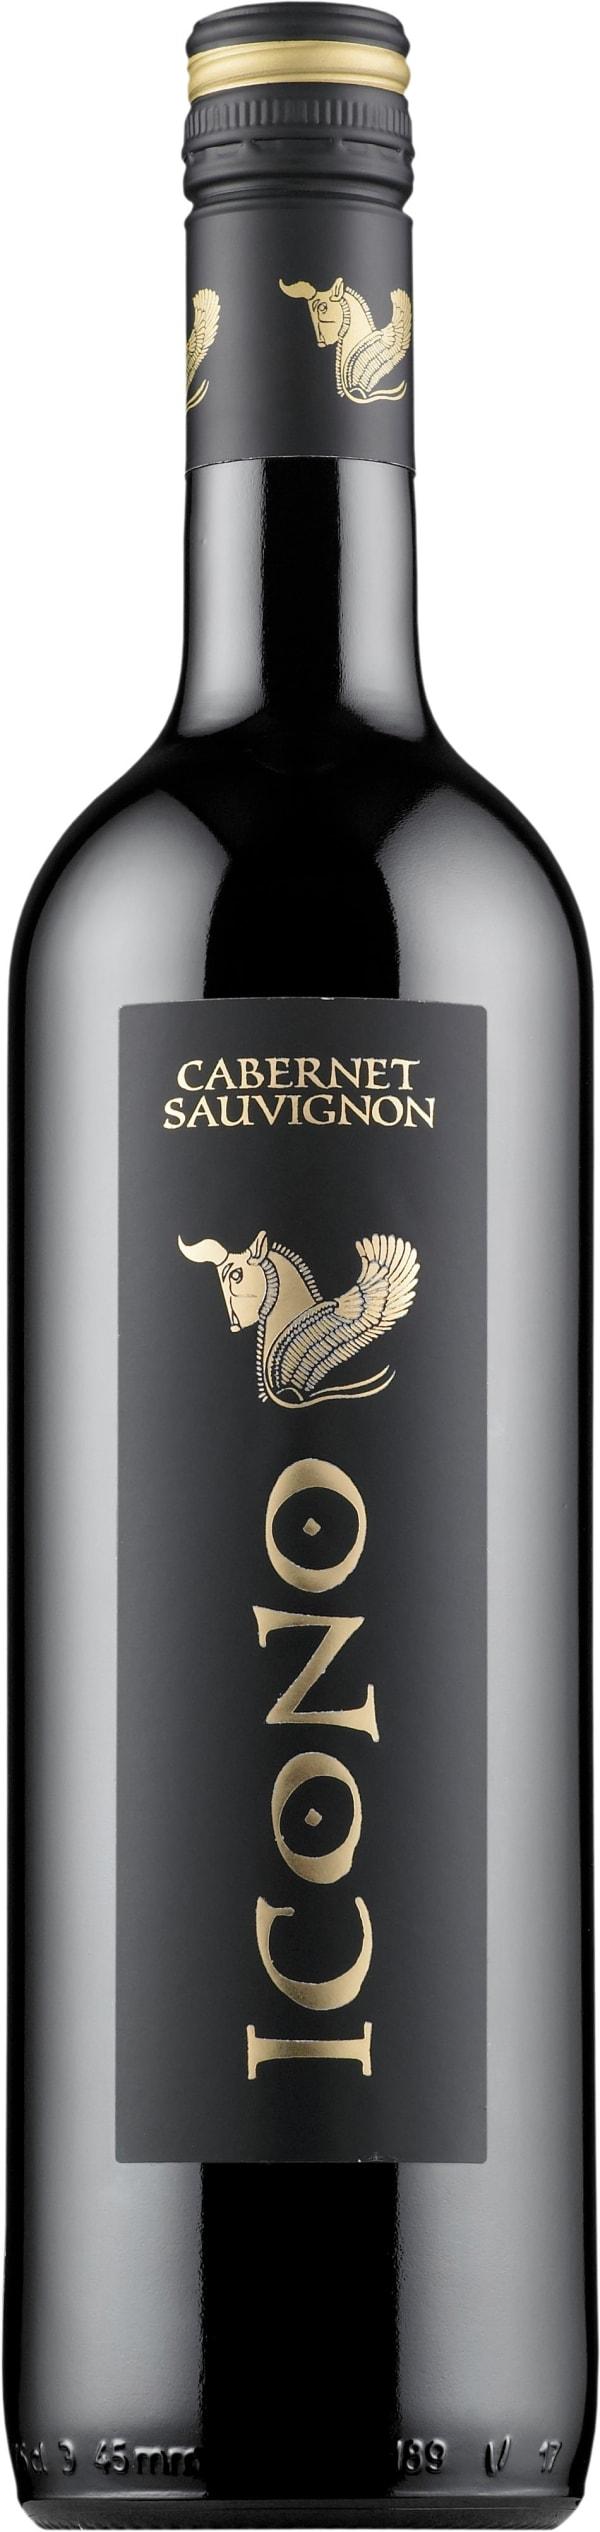 Icono Cabernet Sauvignon 2019